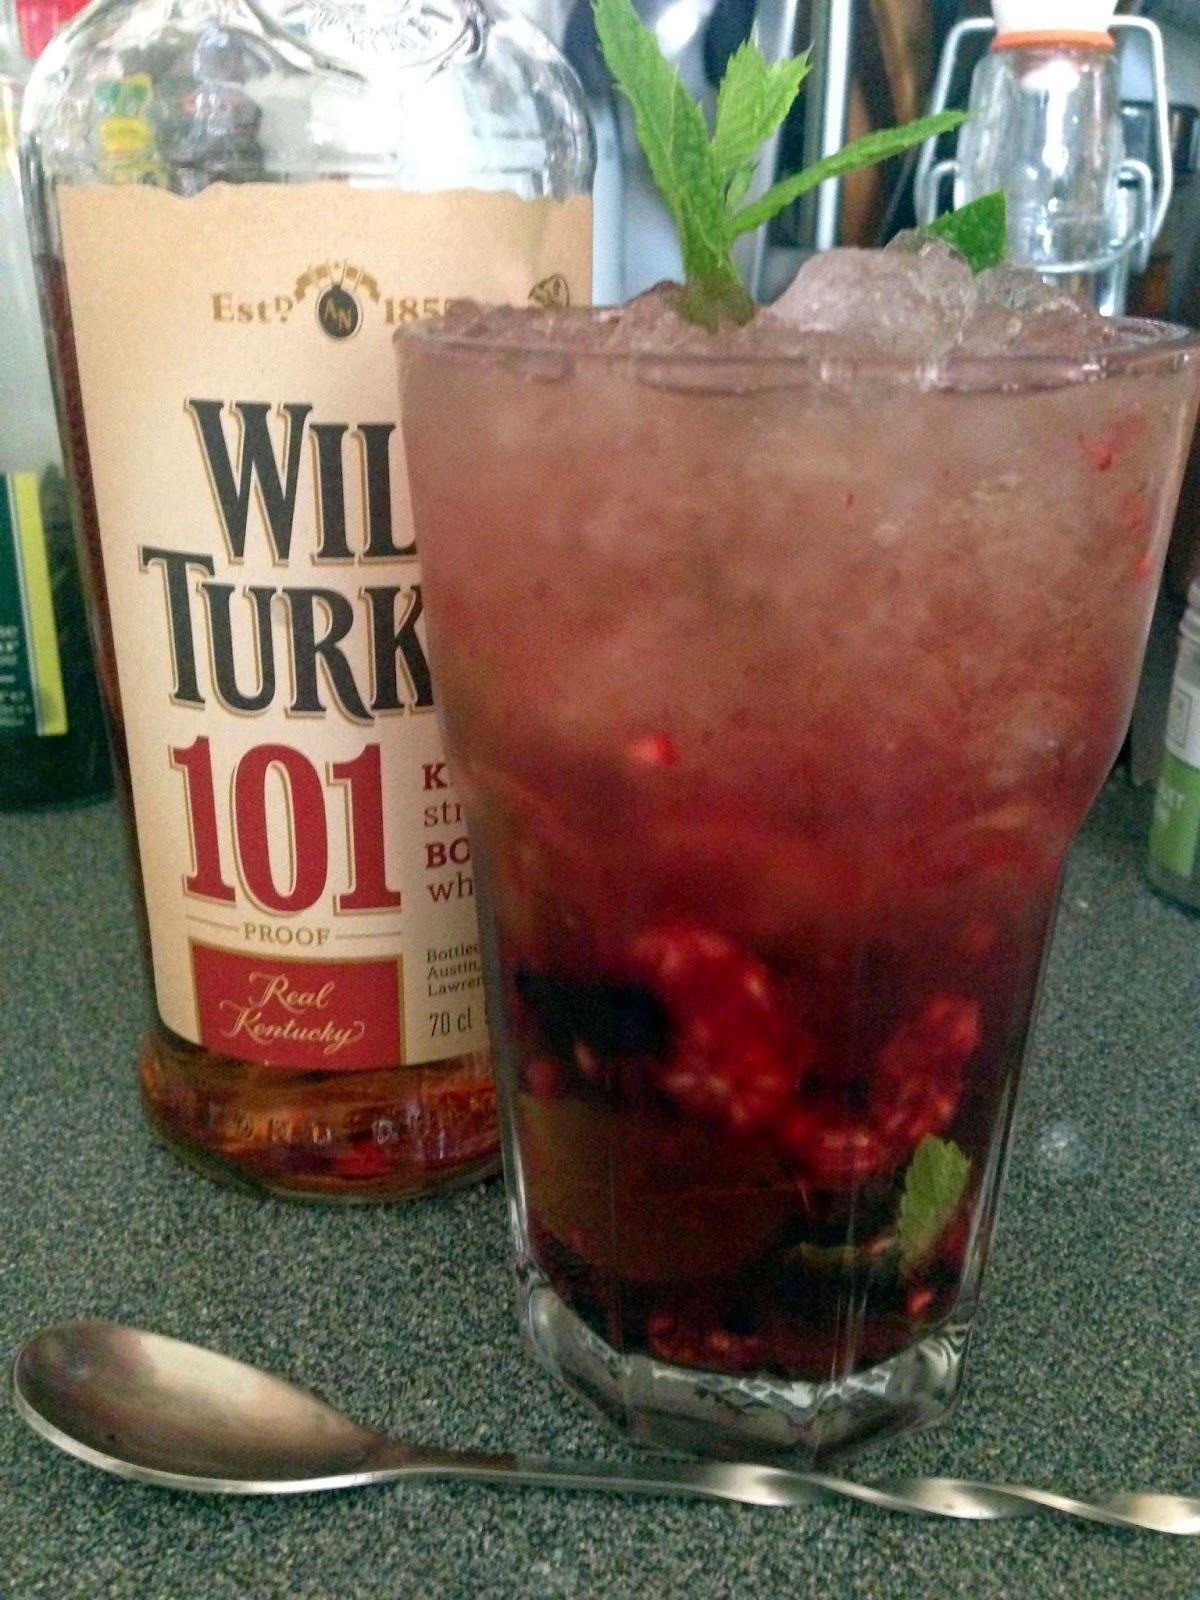 Stitch & Bear - Mixed berry julep - Garnish and serve